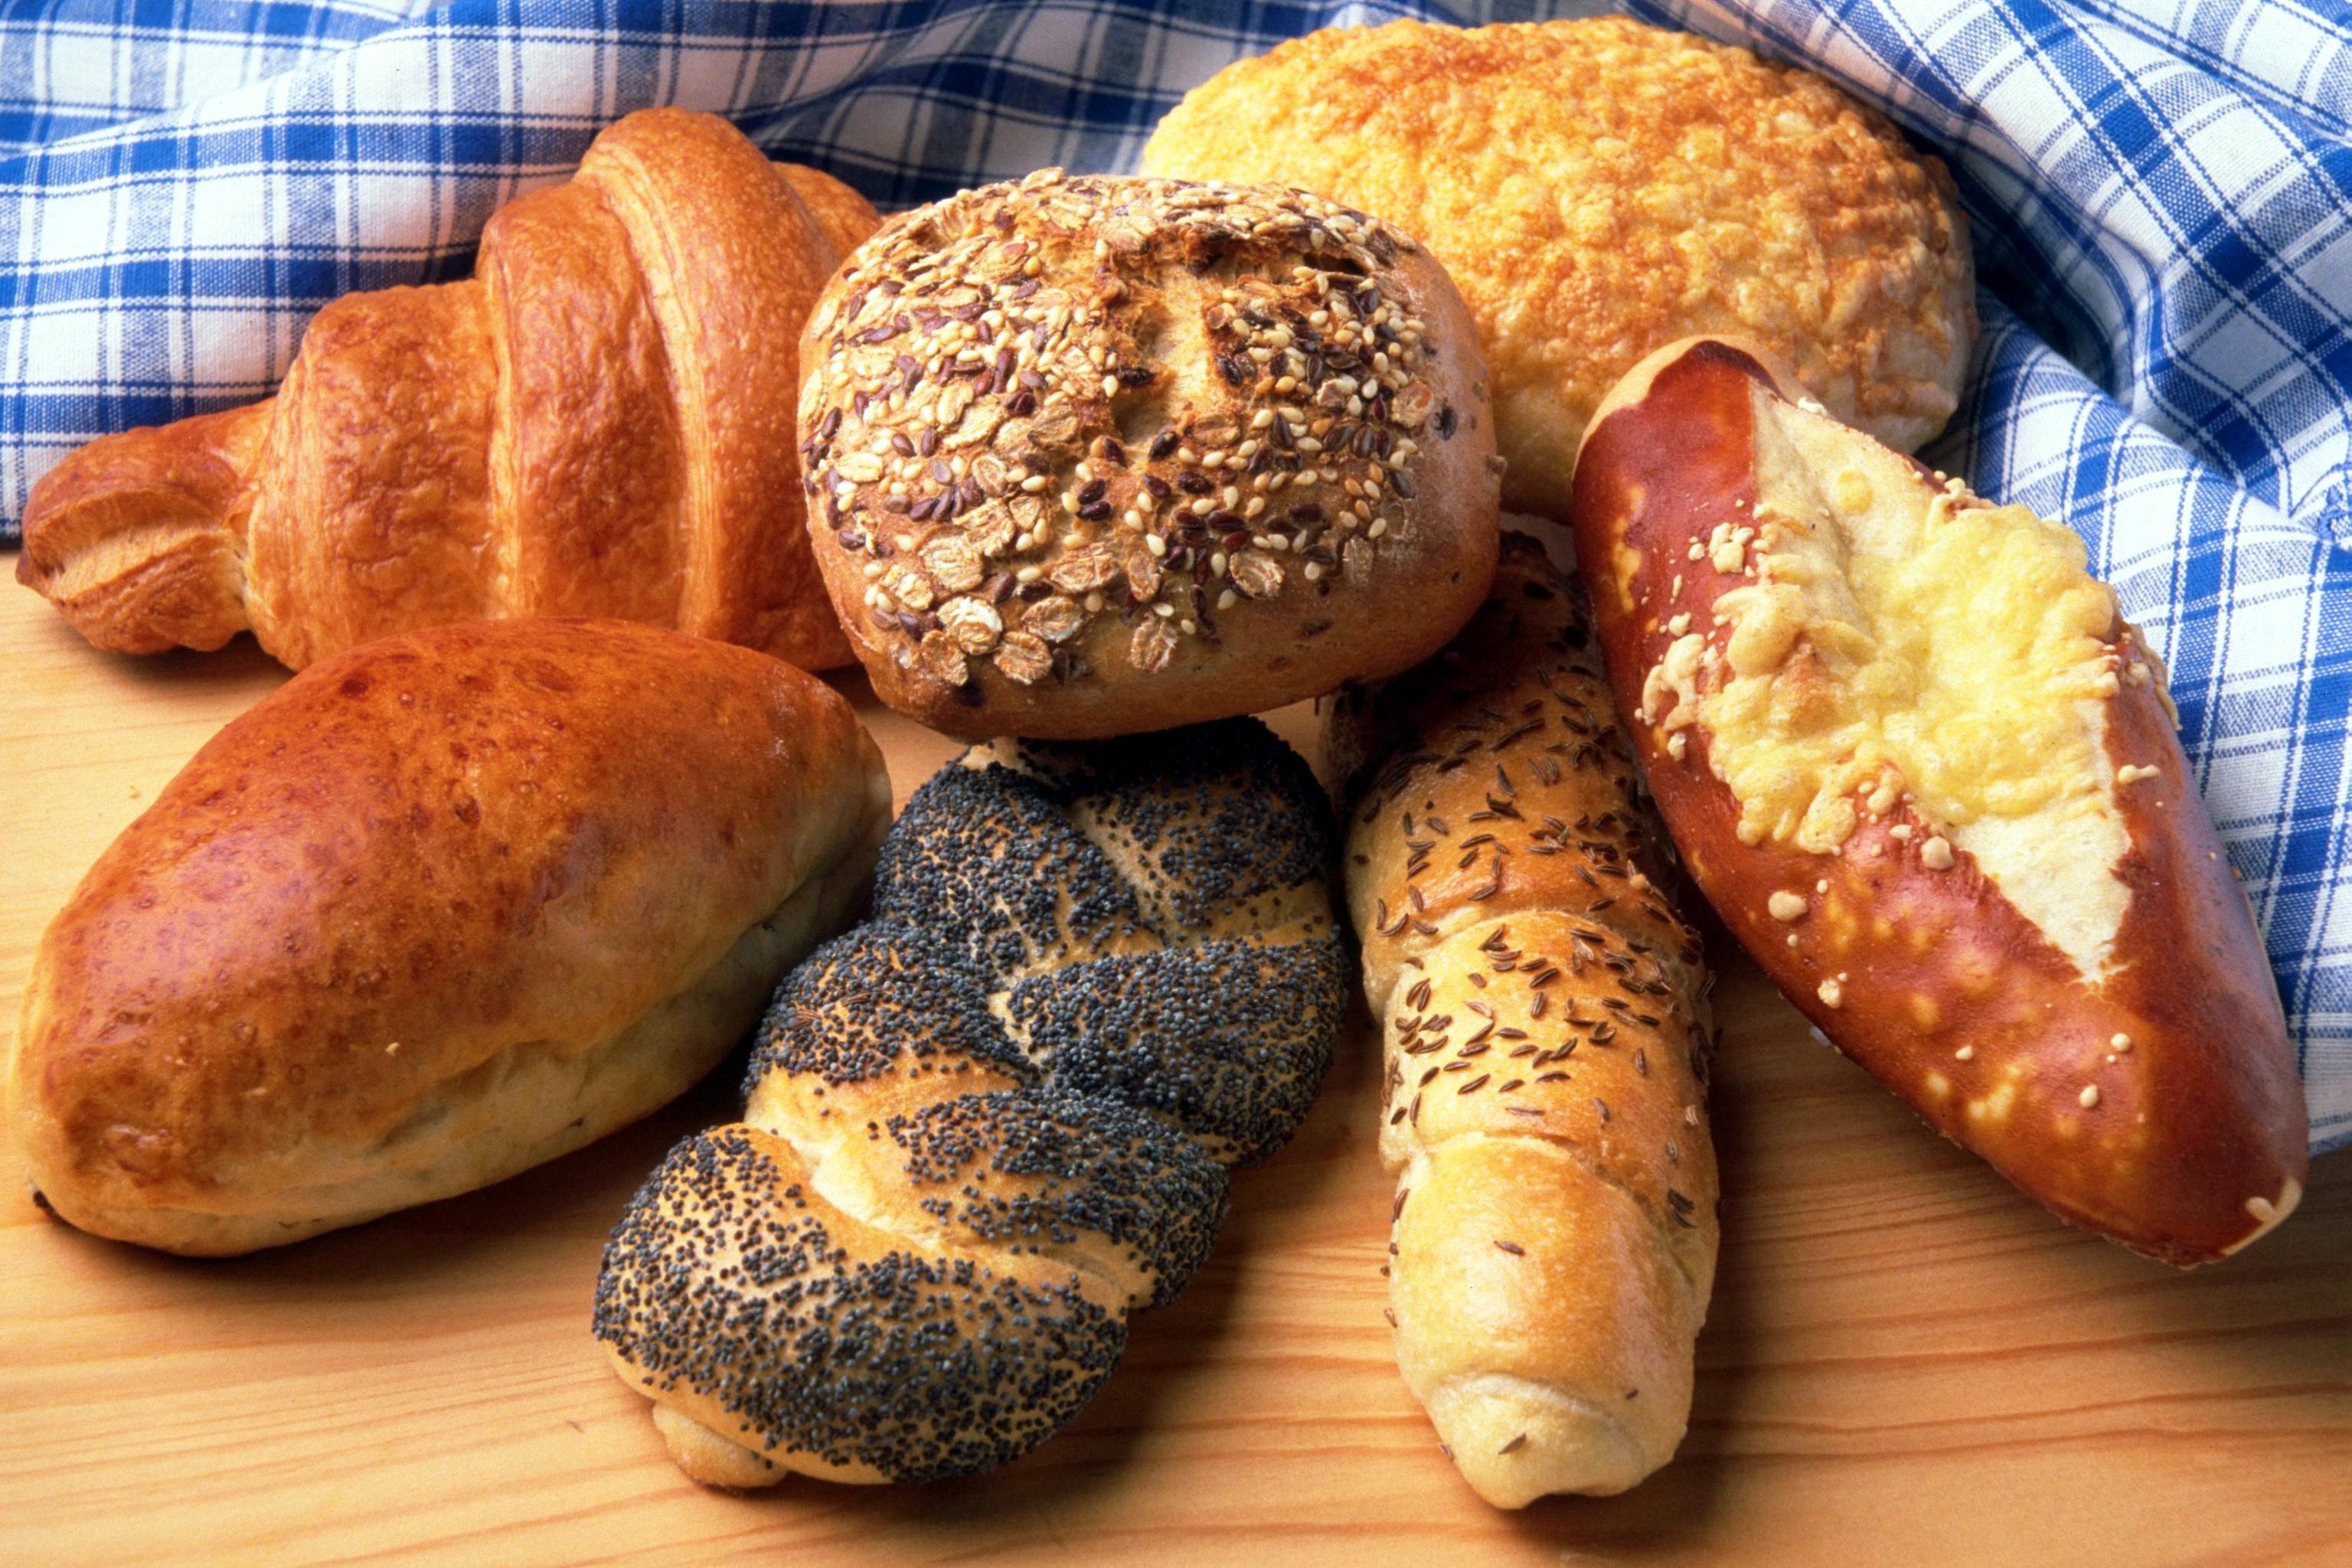 bakeri-boller-brod-croissant-2434.jpg